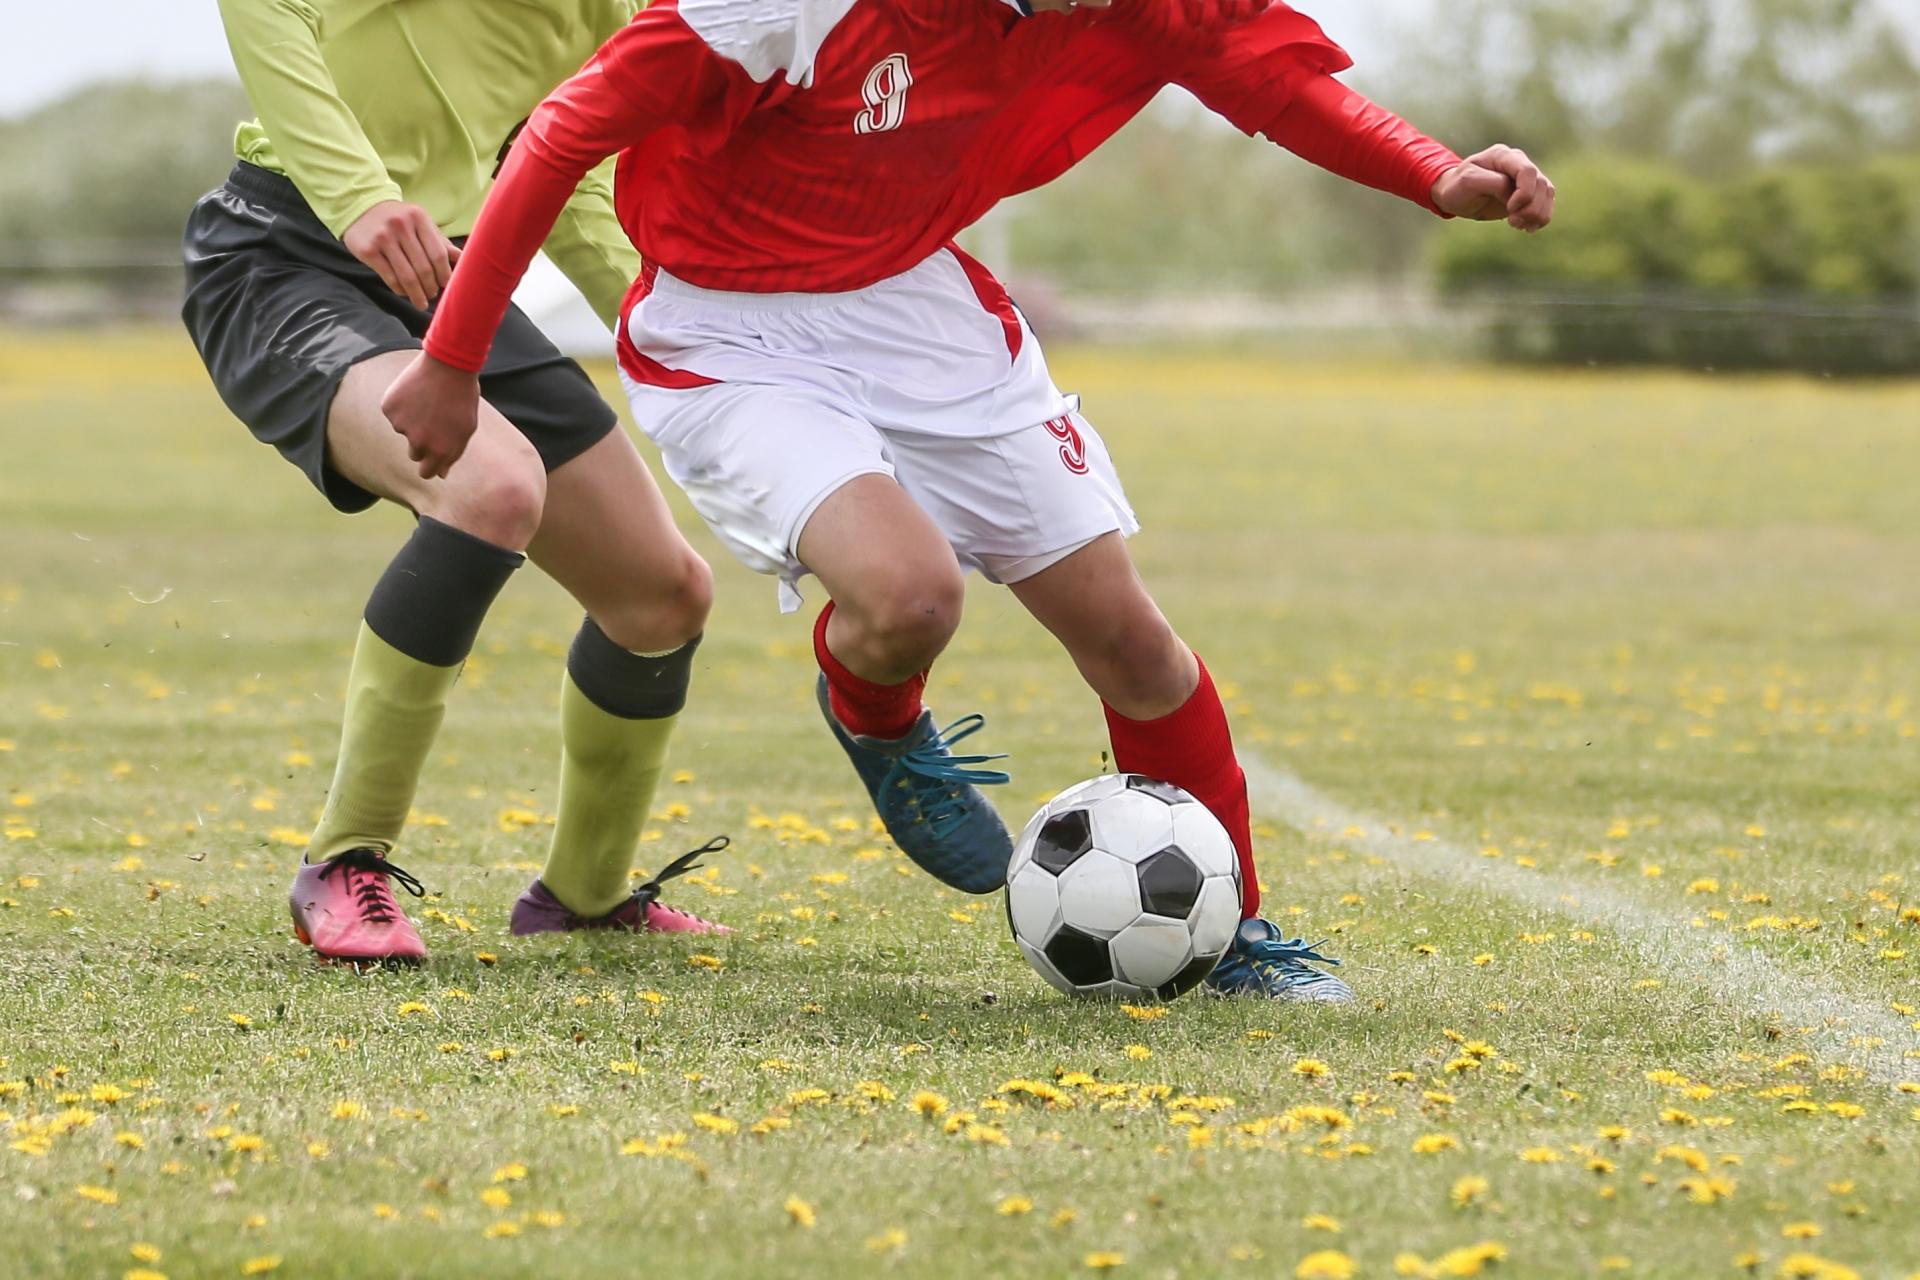 サッカーの技術向上に必要なポイント。5つの練習方法を紹介します